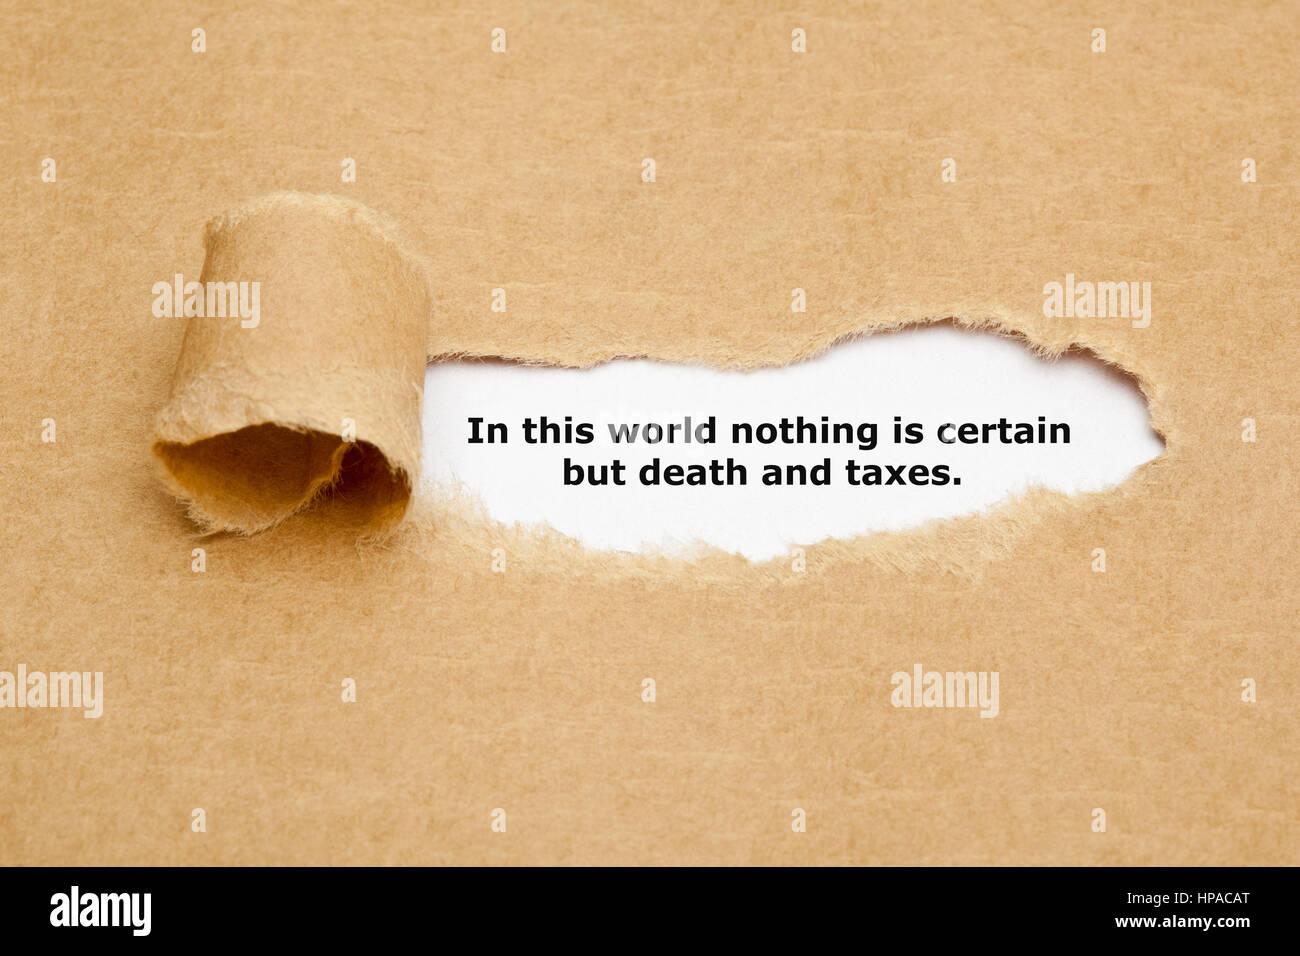 Presupuesto en este mundo nada es seguro sino la muerte y los impuestos, apareciendo detrás de rasgado de papel Imagen De Stock